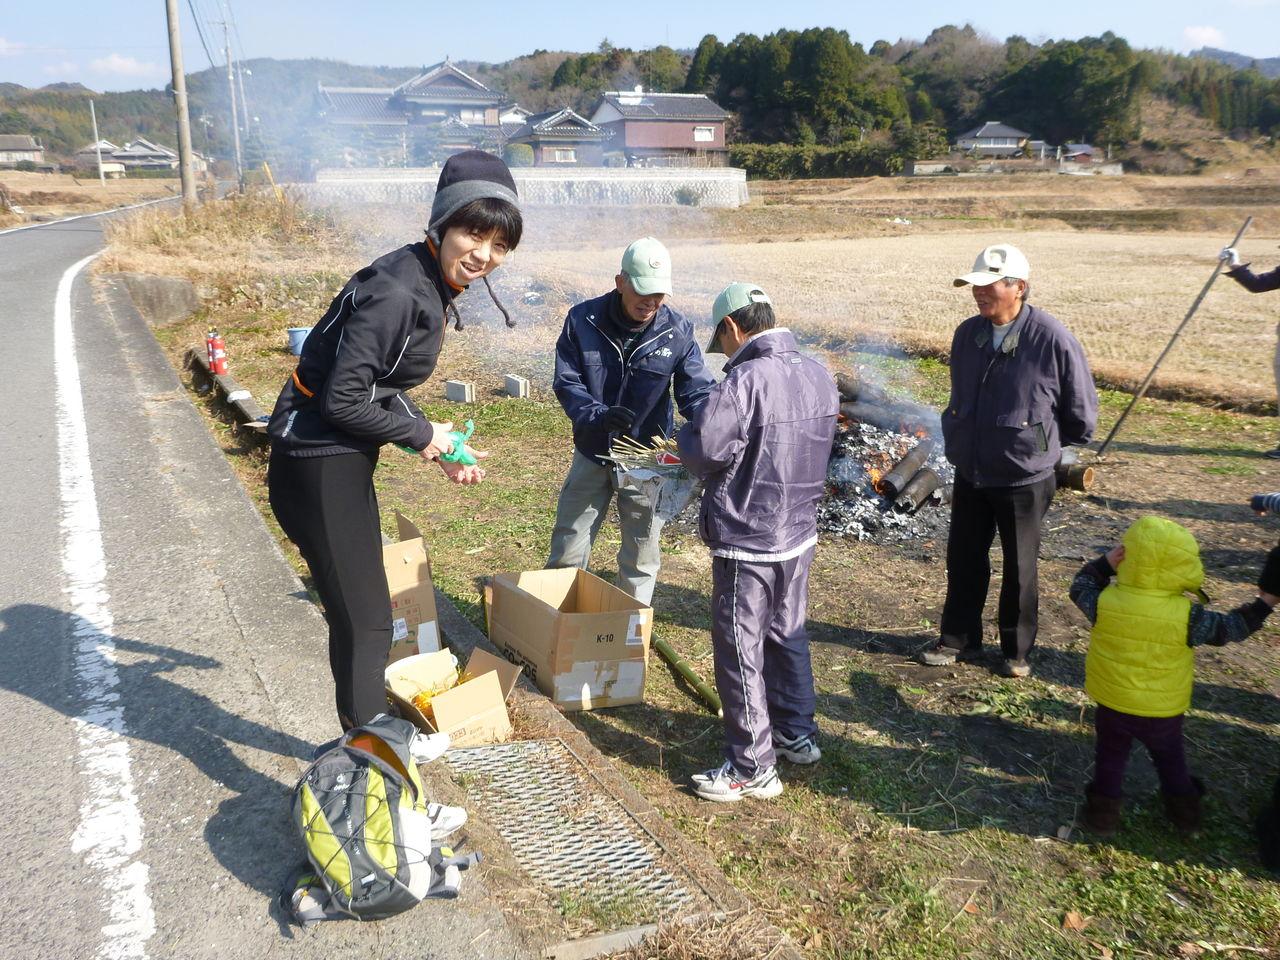 自転車の 火野正平 自転車 ファッション : ... 火野正平さんの軌跡をたどる